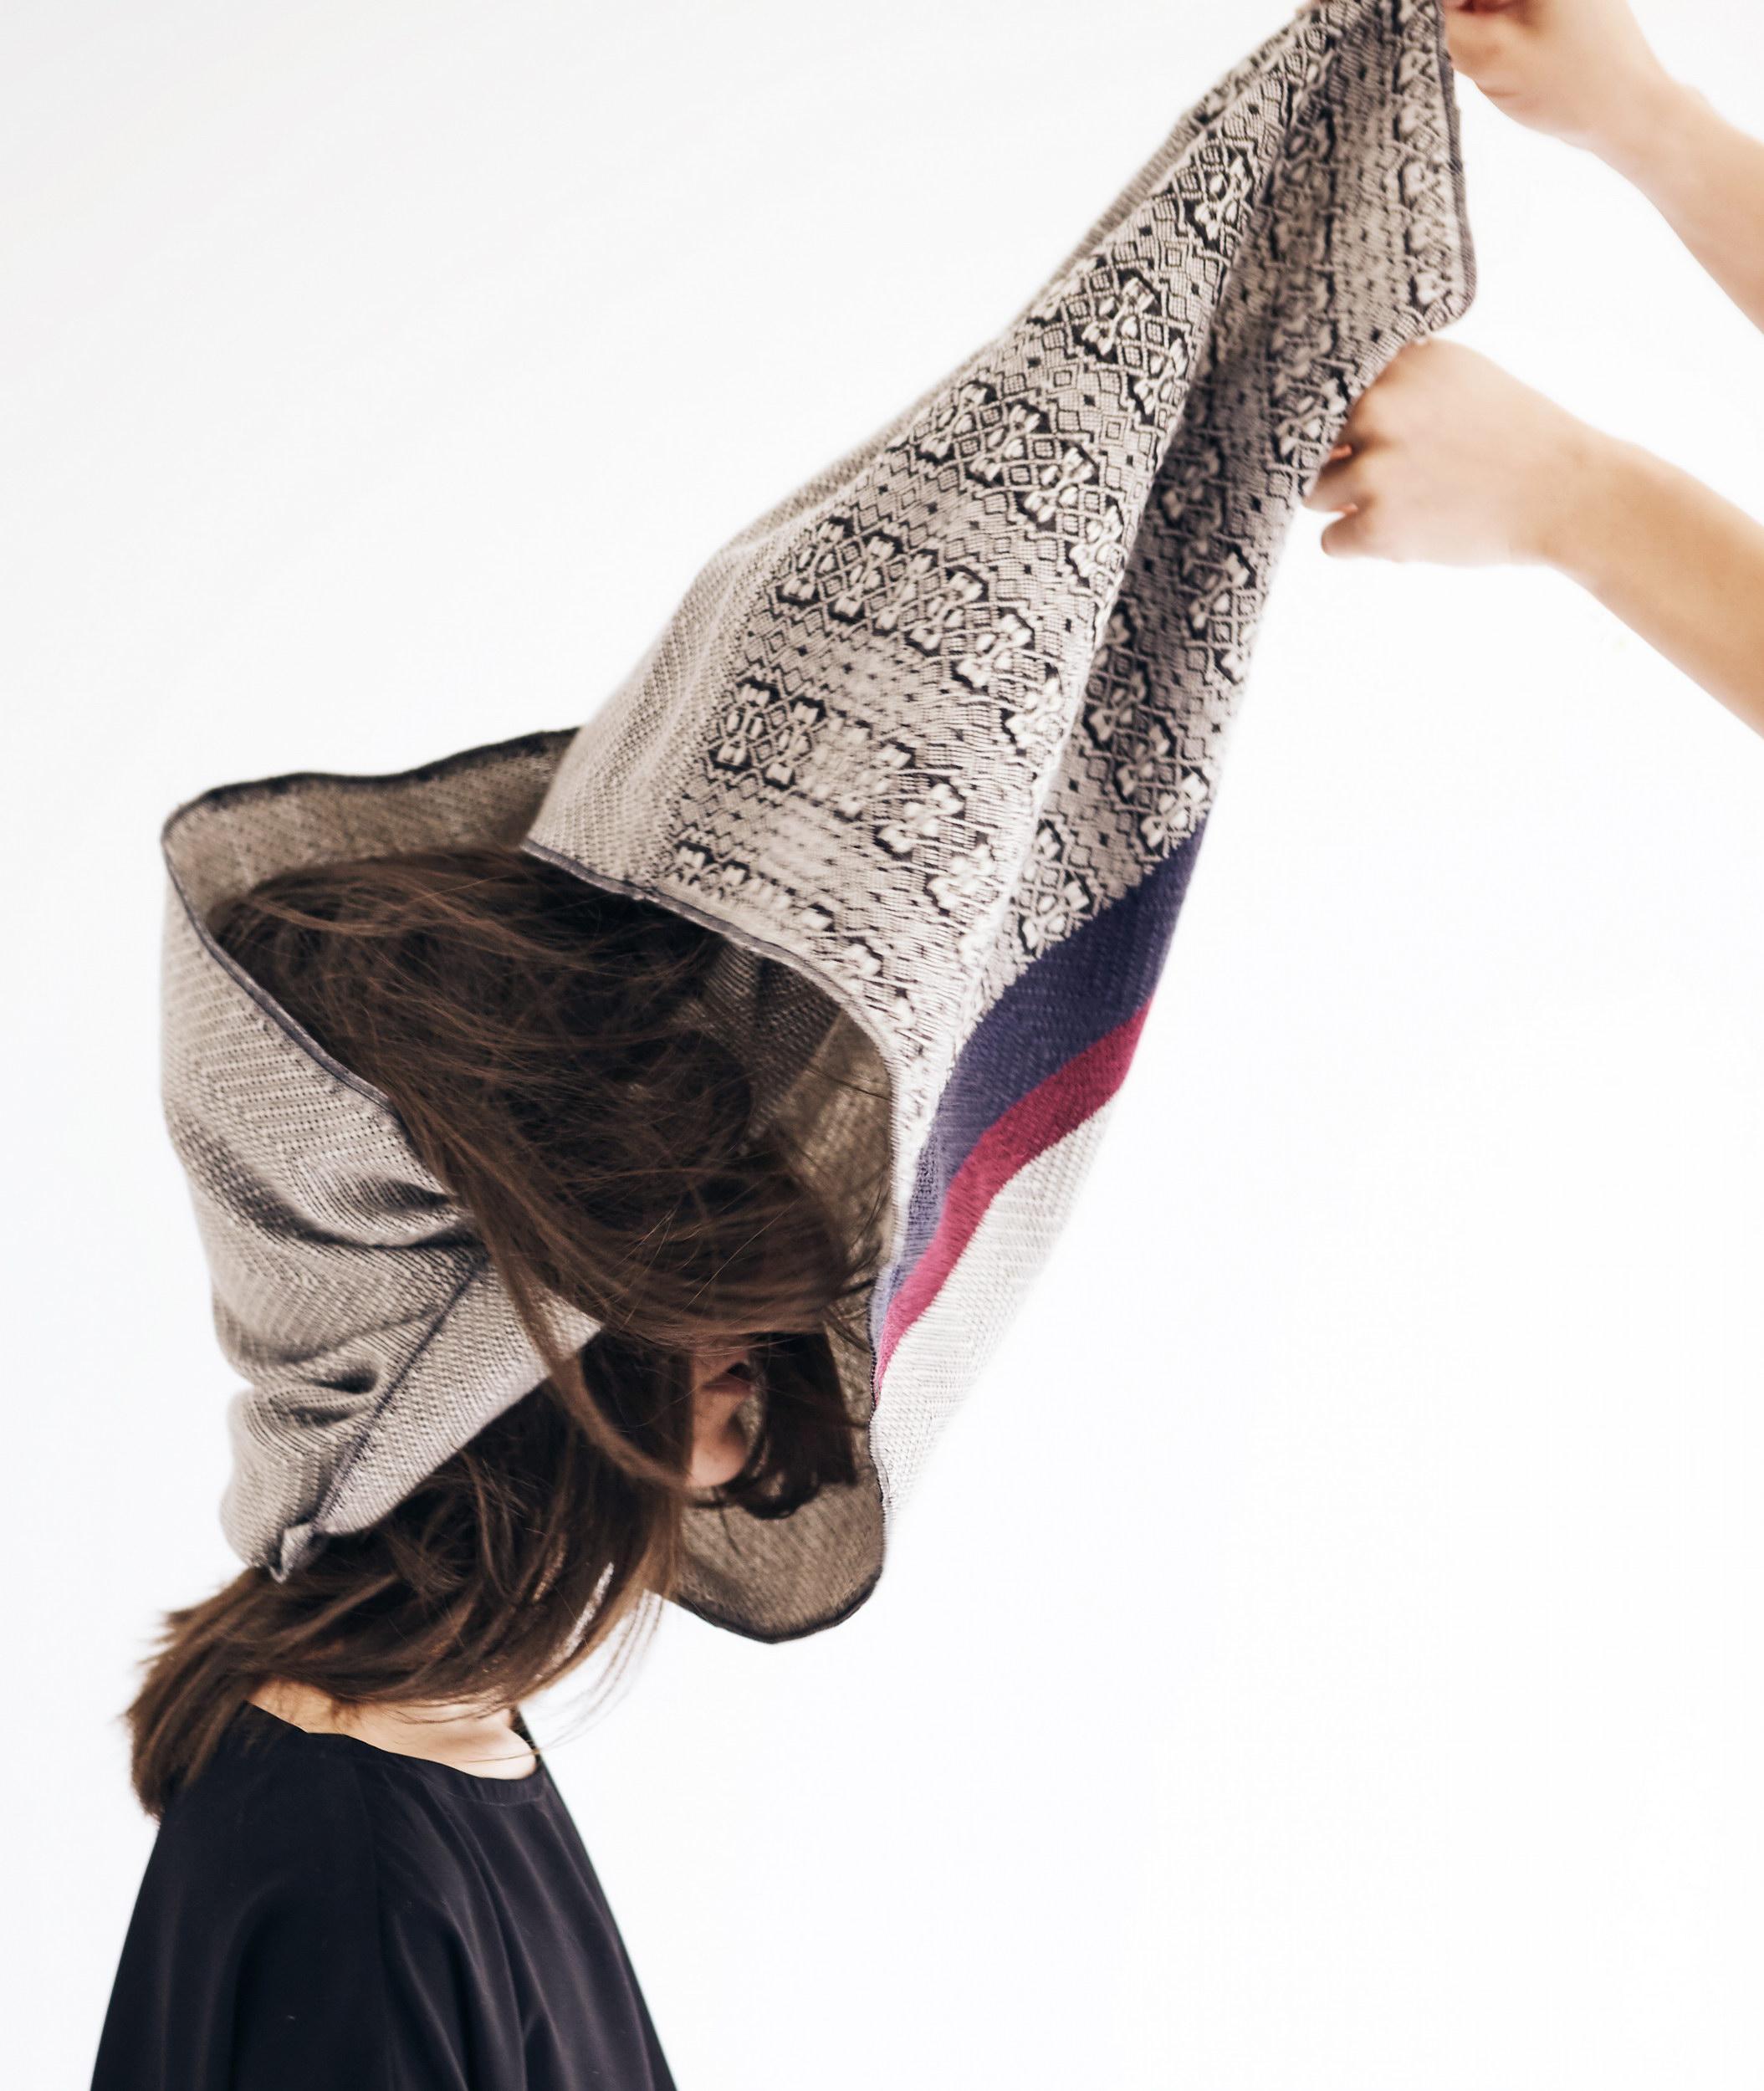 Alexandra Bissa | Textile Design